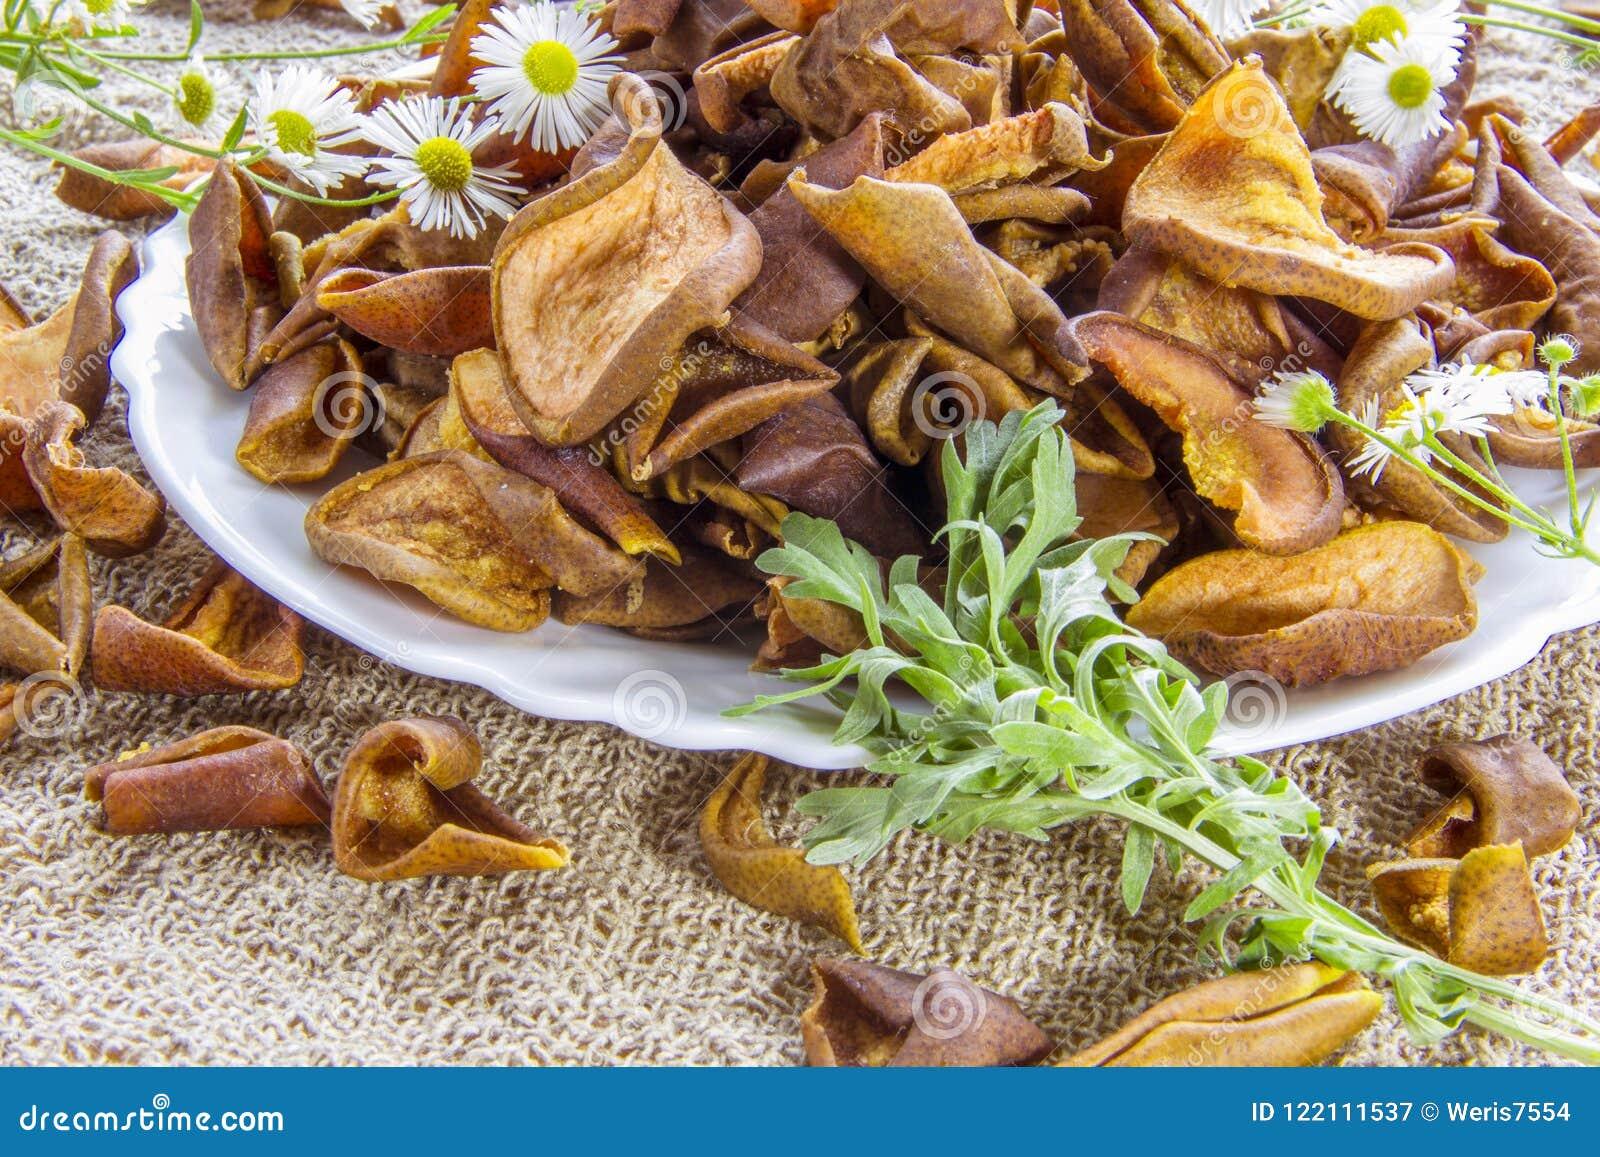 La pera marrón secada corta la placa blanca con las flores blancas Las flores de la margarita blanca y un ajenjo verde ramifican